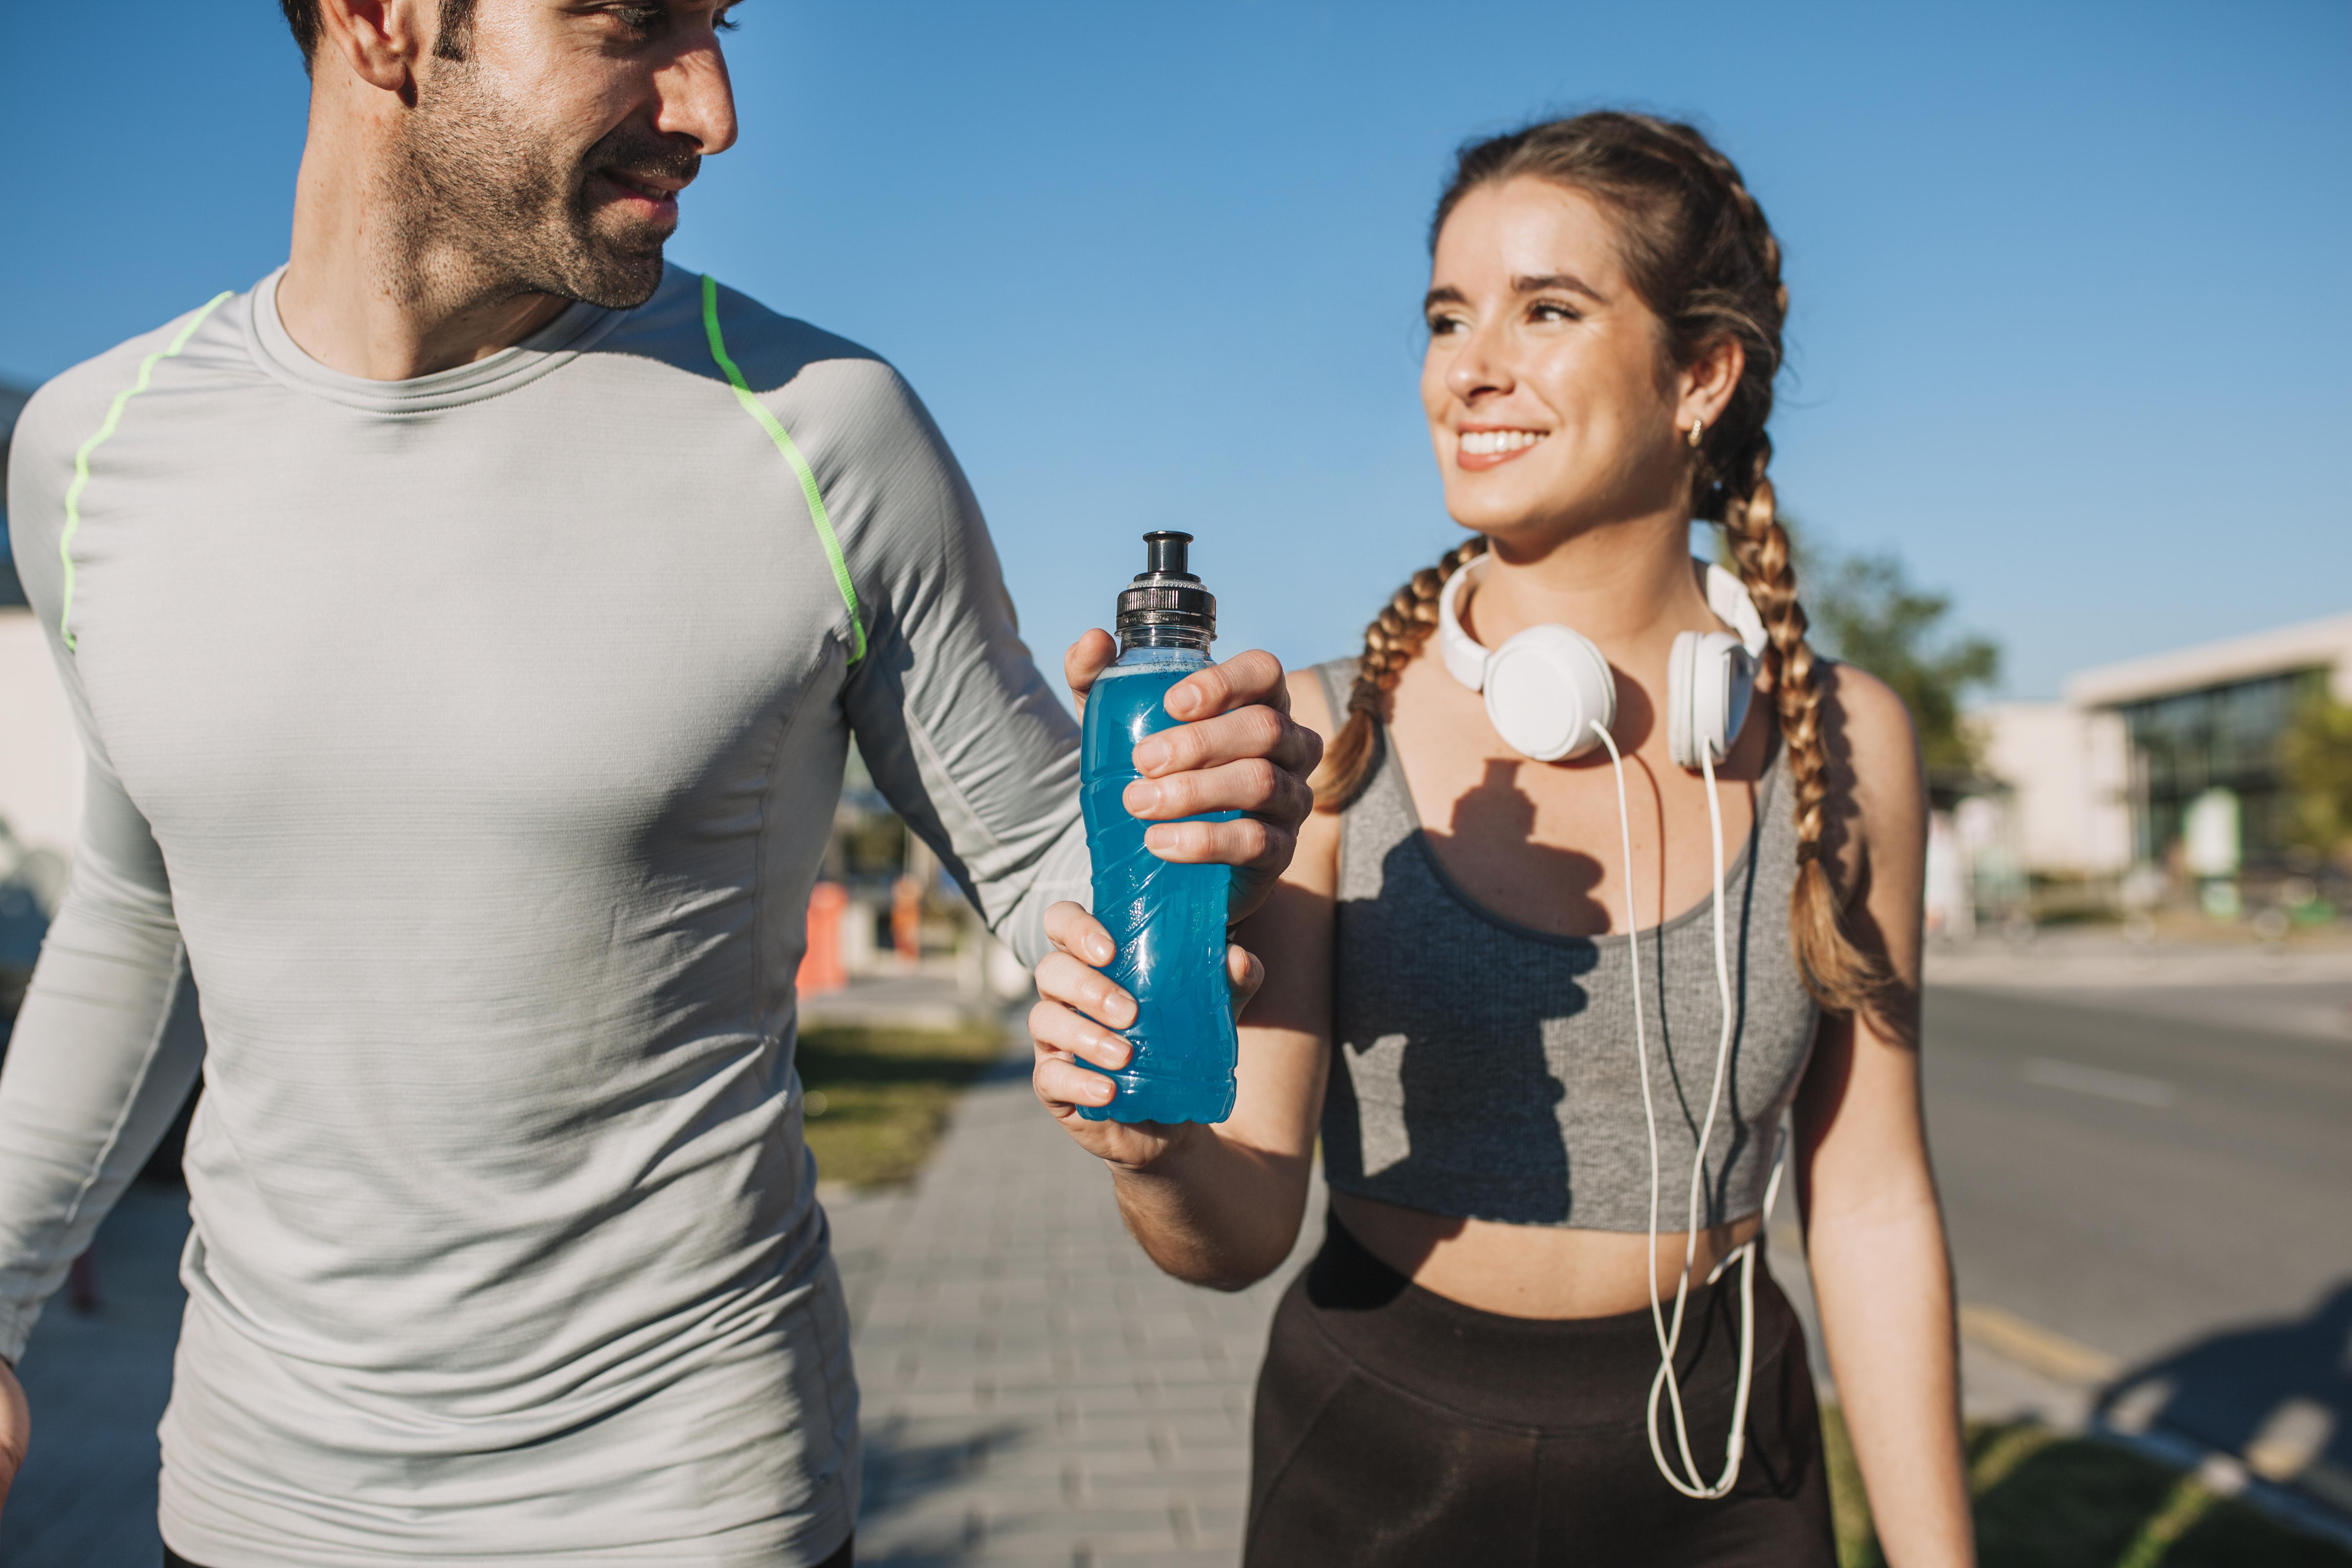 Activité physique : un défi au quotidien